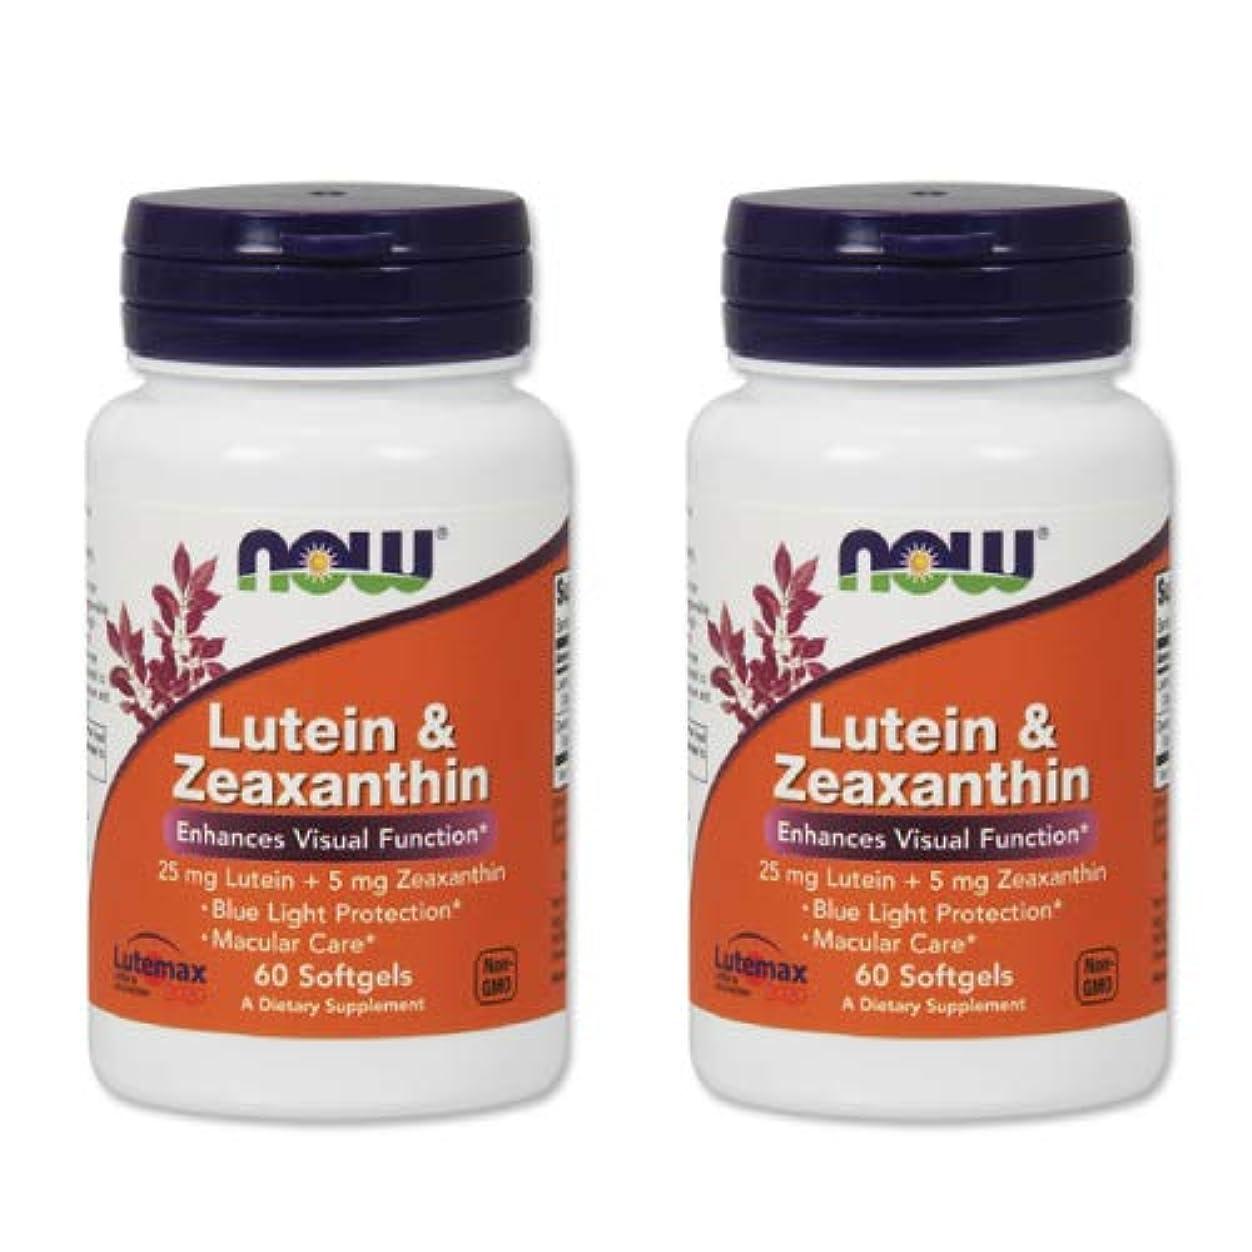 壁発言する伝染性の2個セット ルテイン ゼアキサンチン 60ソフトジェル